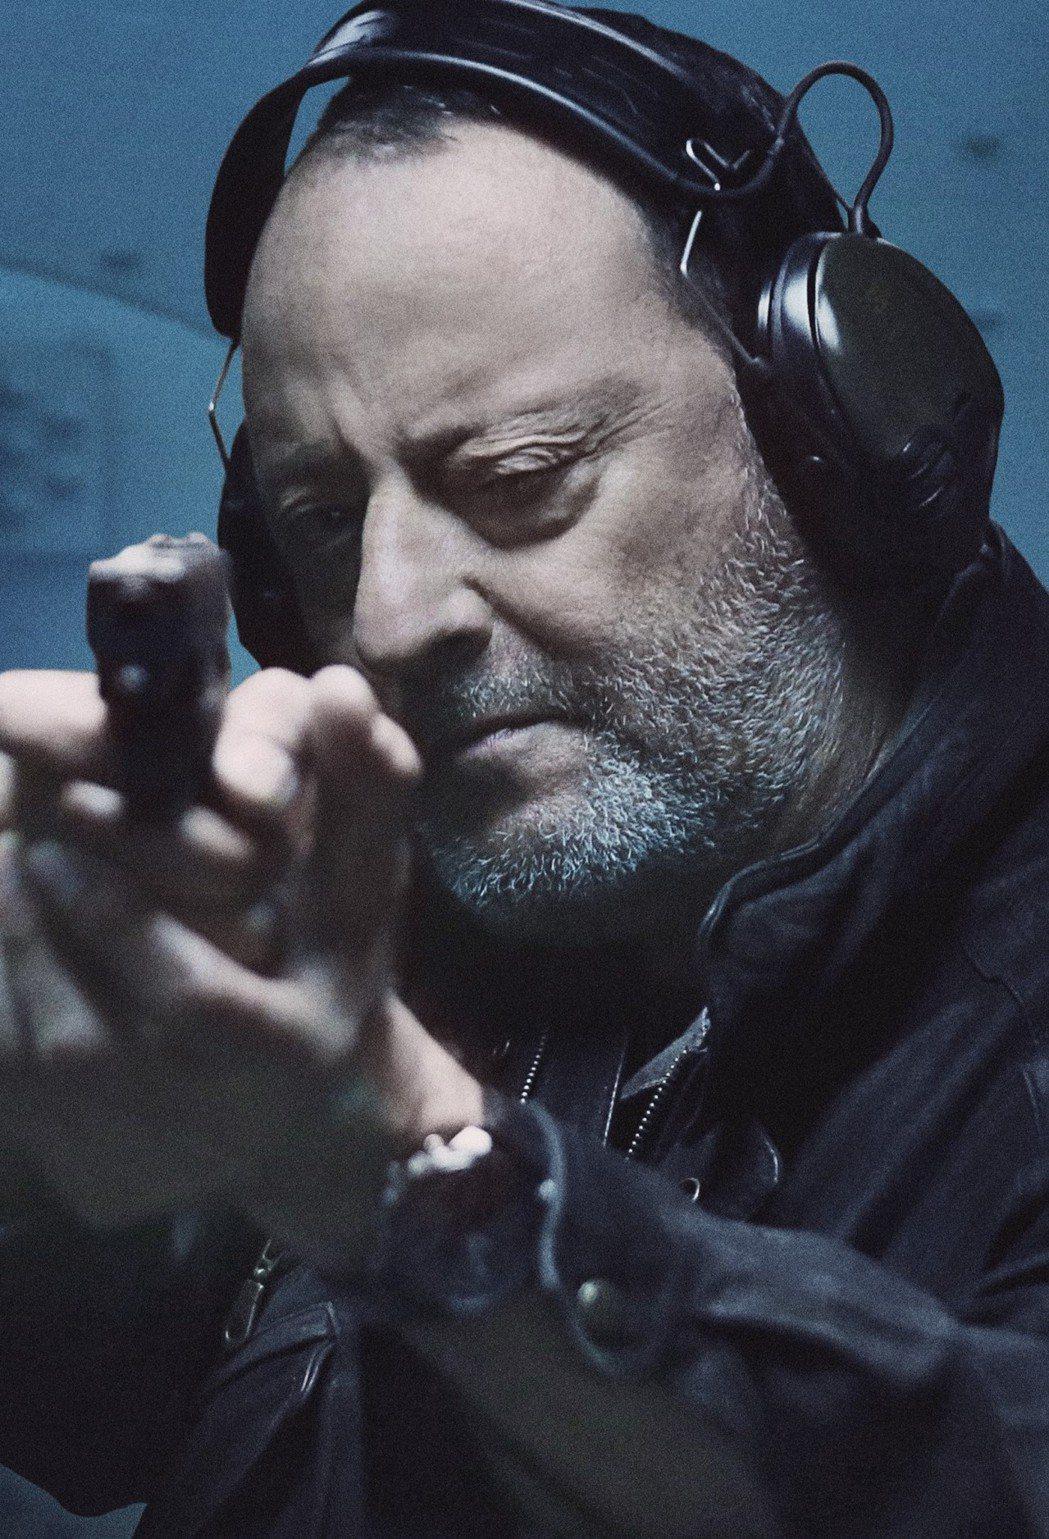 法國動作明星尚雷諾在「俠盜聯盟」中拼命追捕劉德華。圖/Catchplay提供